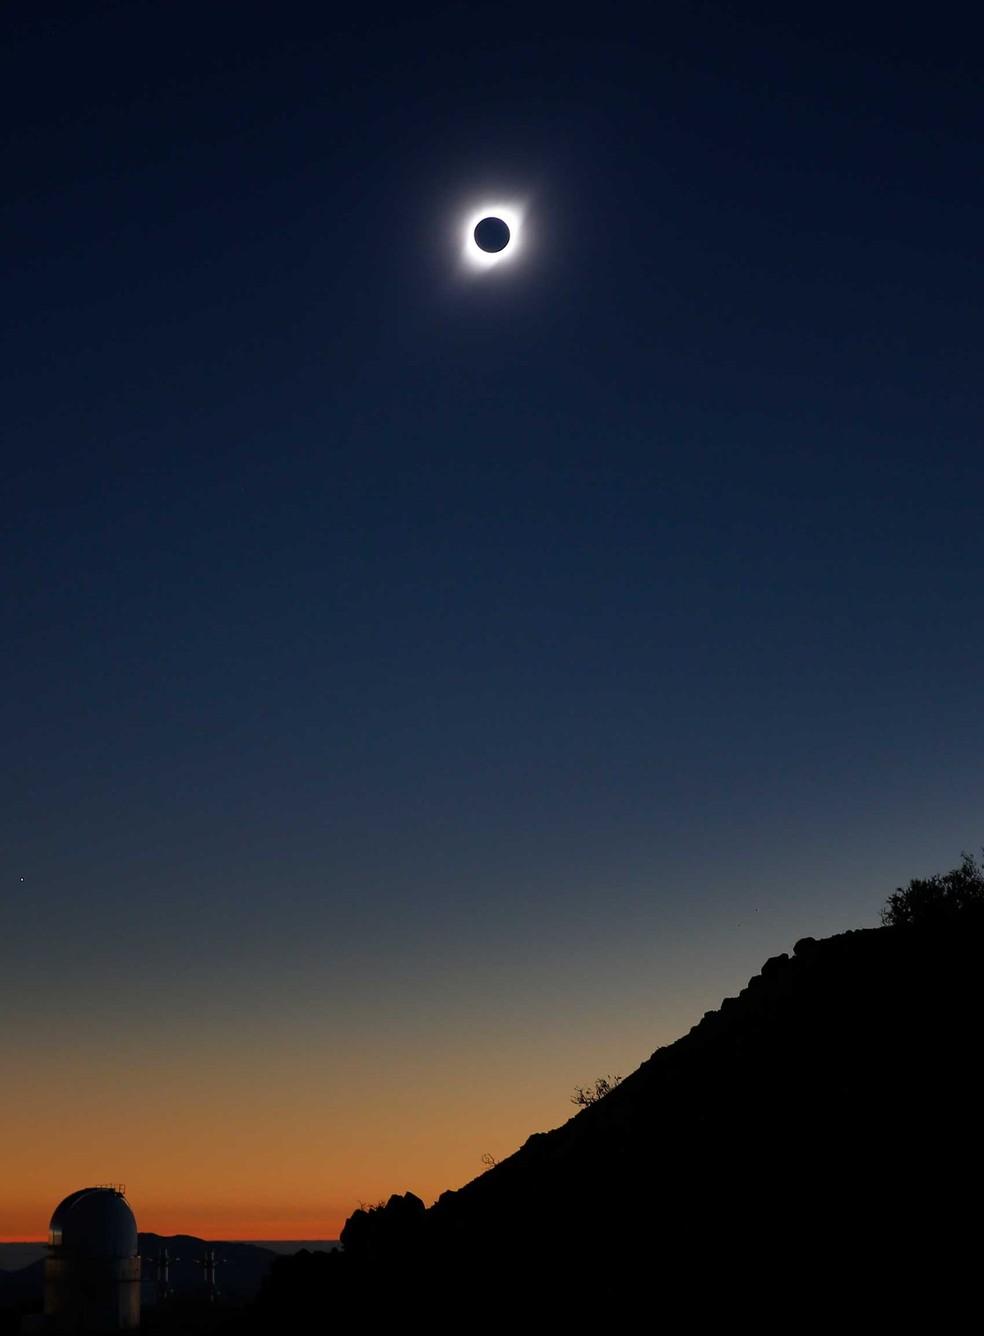 Eclipse solar foi observado em Coquimbo, Chile. — Foto: Rodrigo Garrido/Reuters